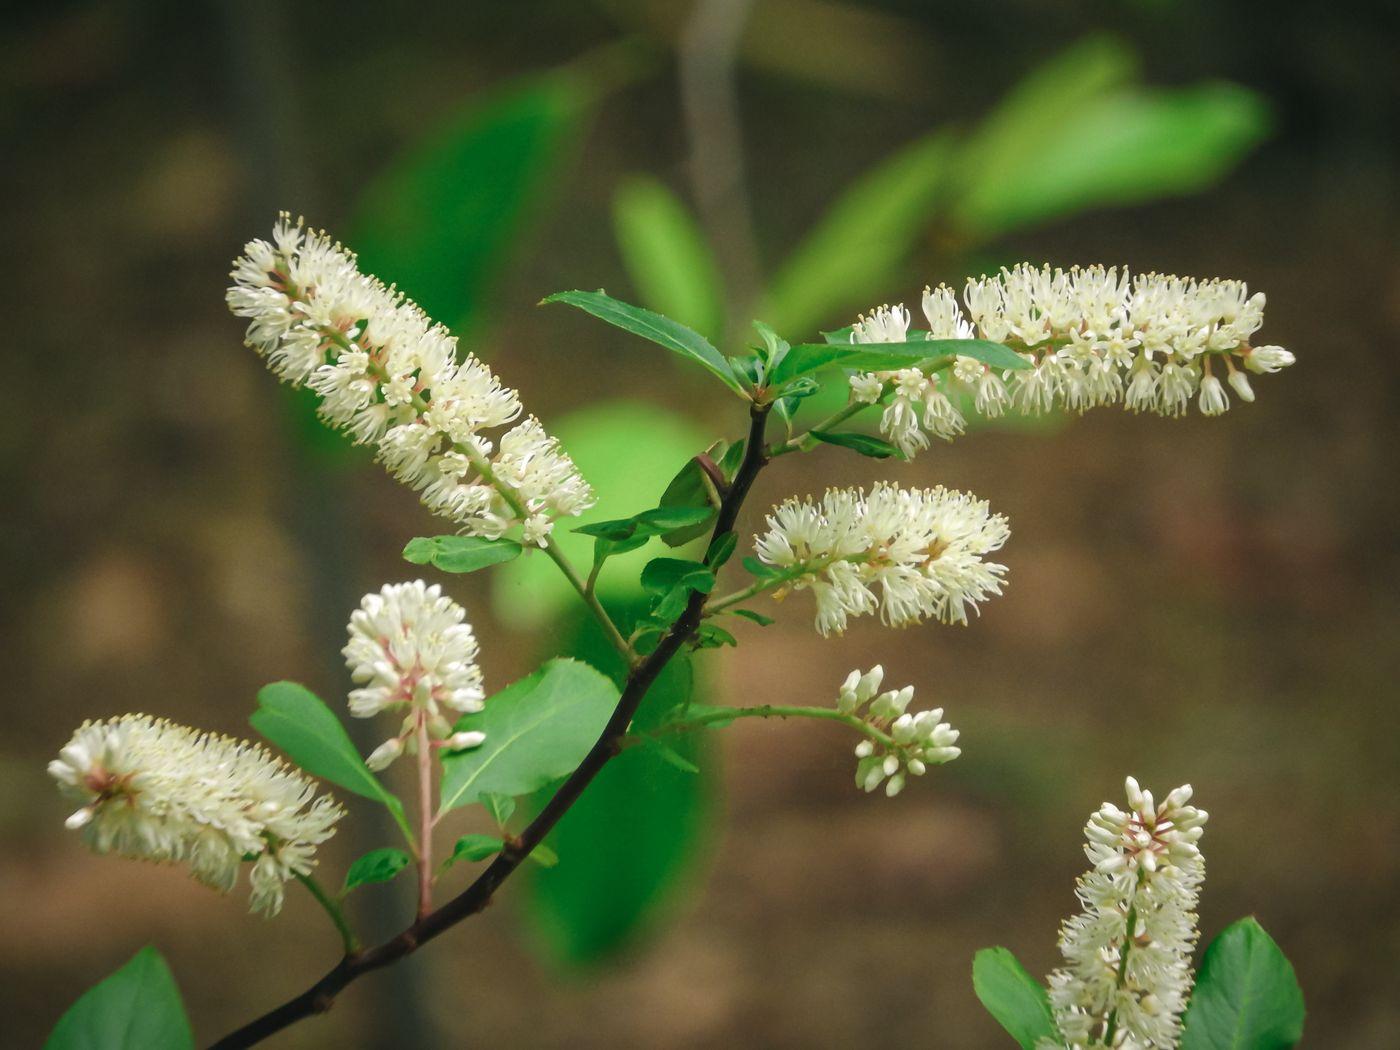 優雅に枝垂れるコバノズイナの花の写真